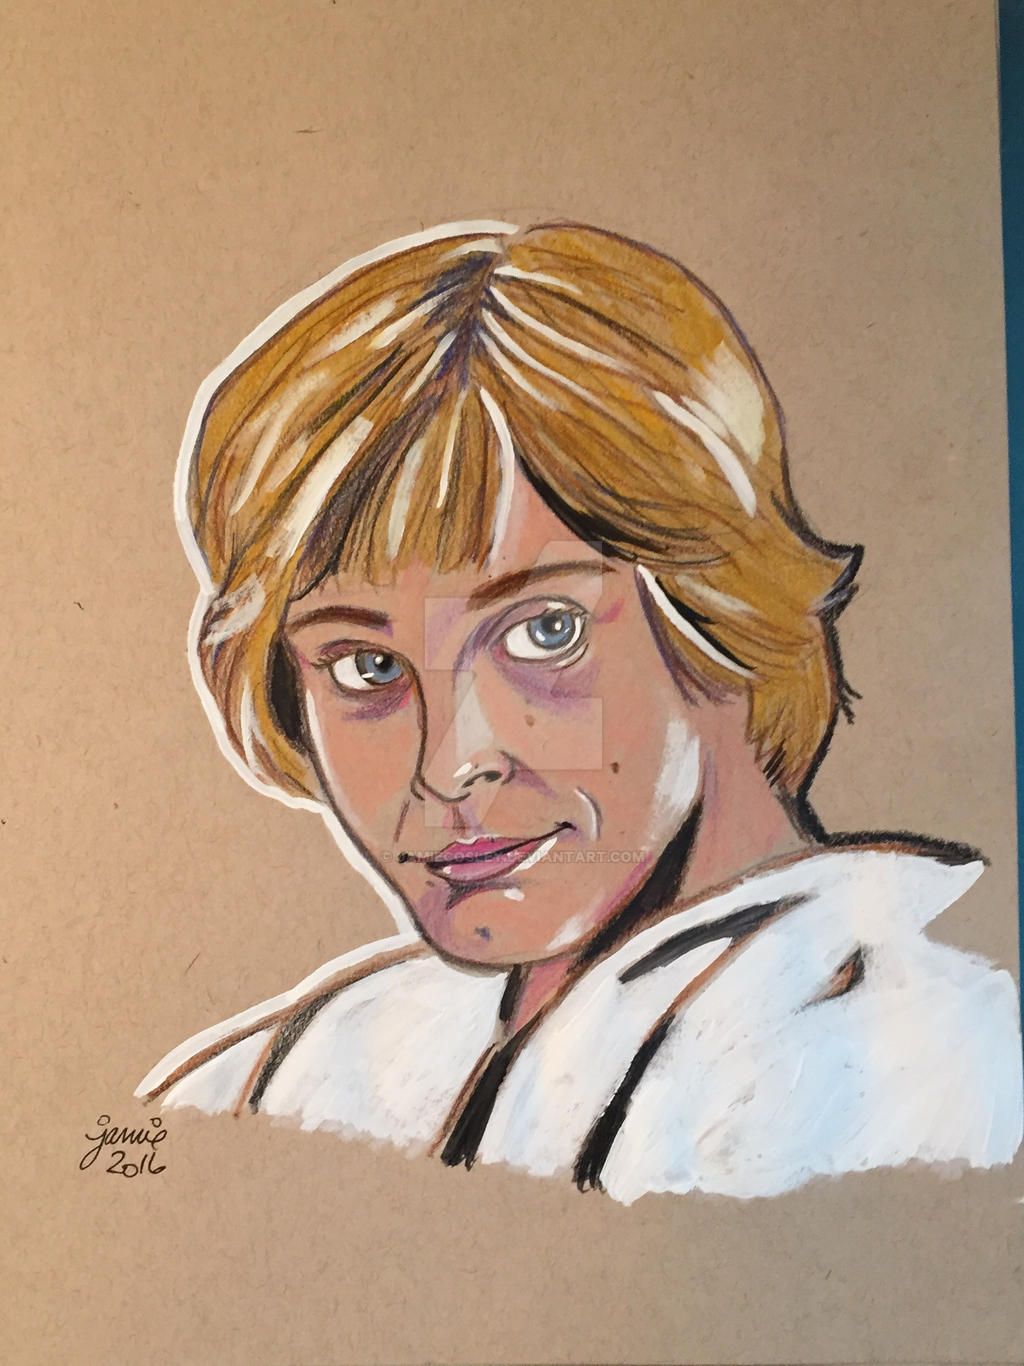 Luke Skywalker by JamieCosley